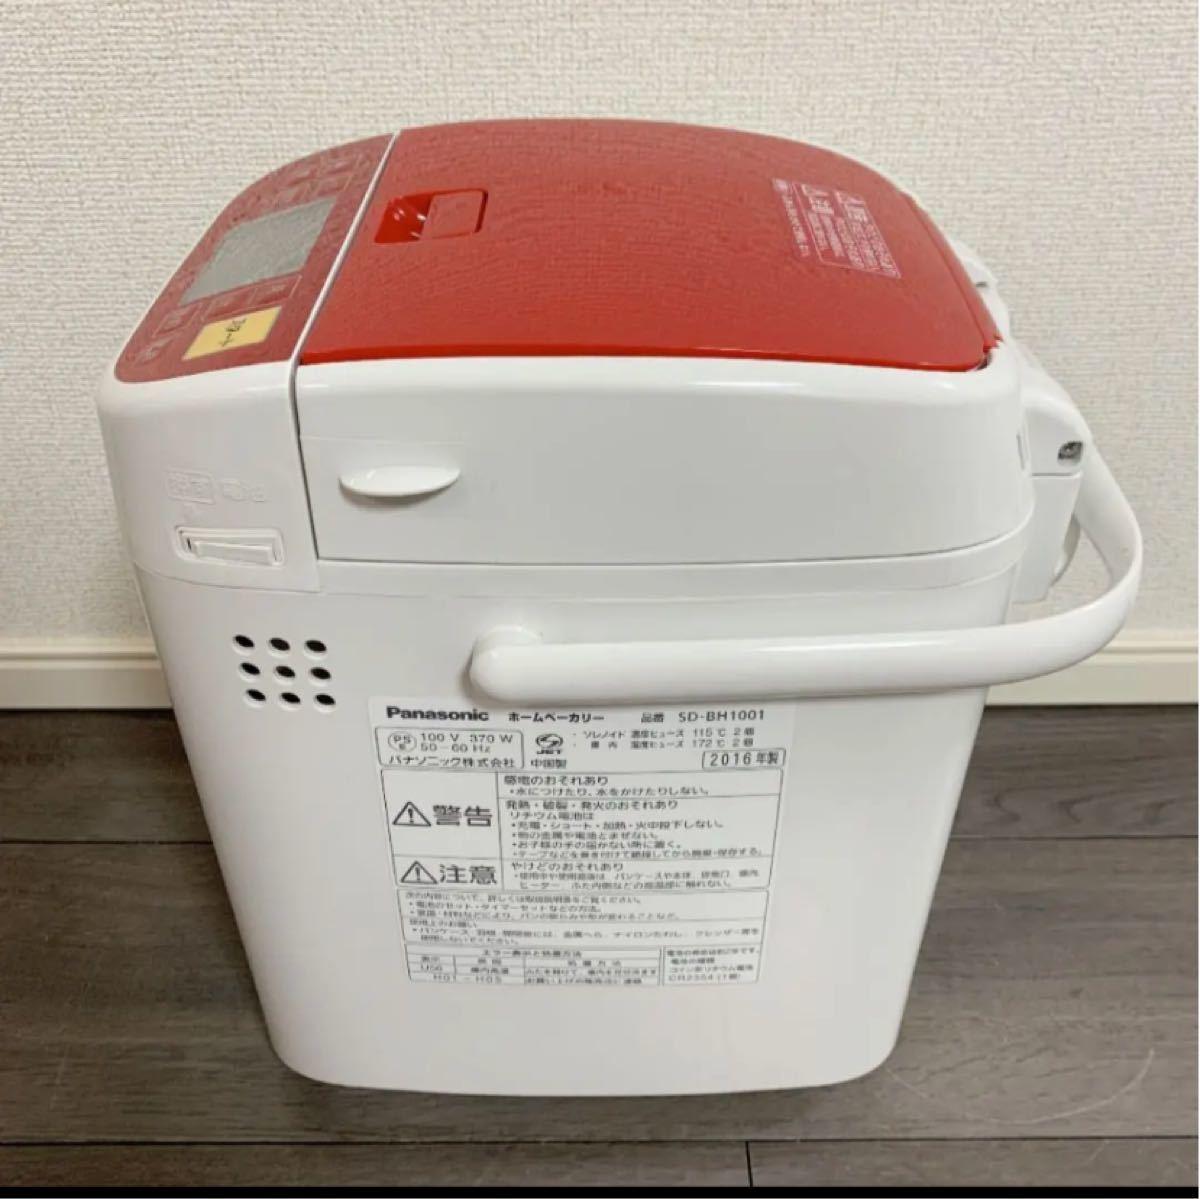 Panasonic ホームベーカリー SD-BH1001